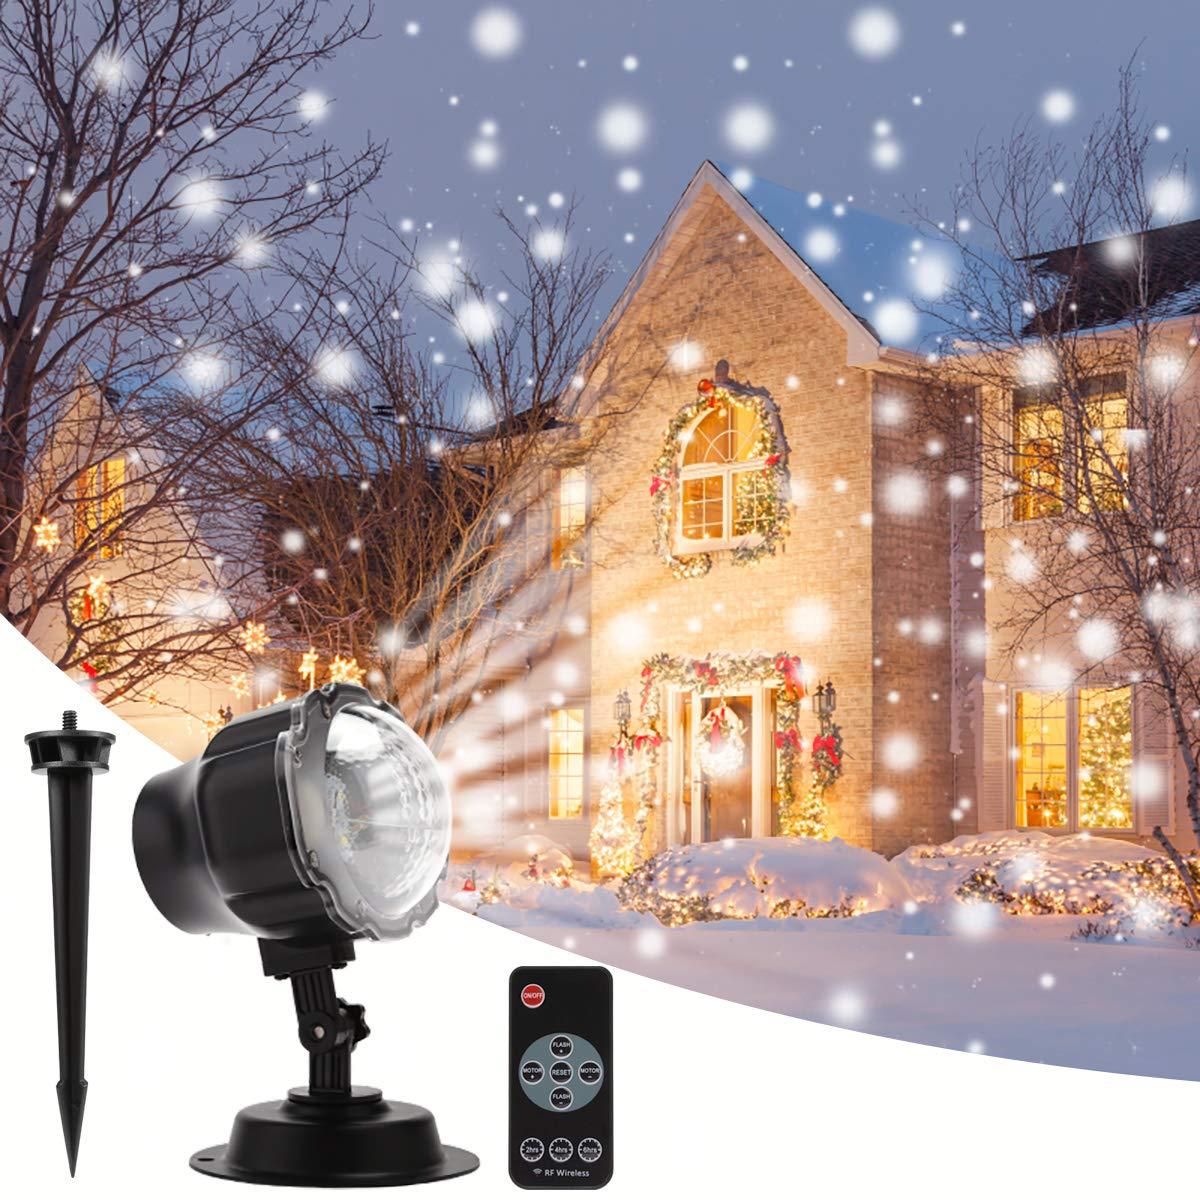 B-right® LED Projektionslampe, Schneepunkt Projektor Lampe Weihnachtsprojektor Licht Innen-Außen Stimmungsbeleuchtung für Weihnachten, Party, Hochzeit